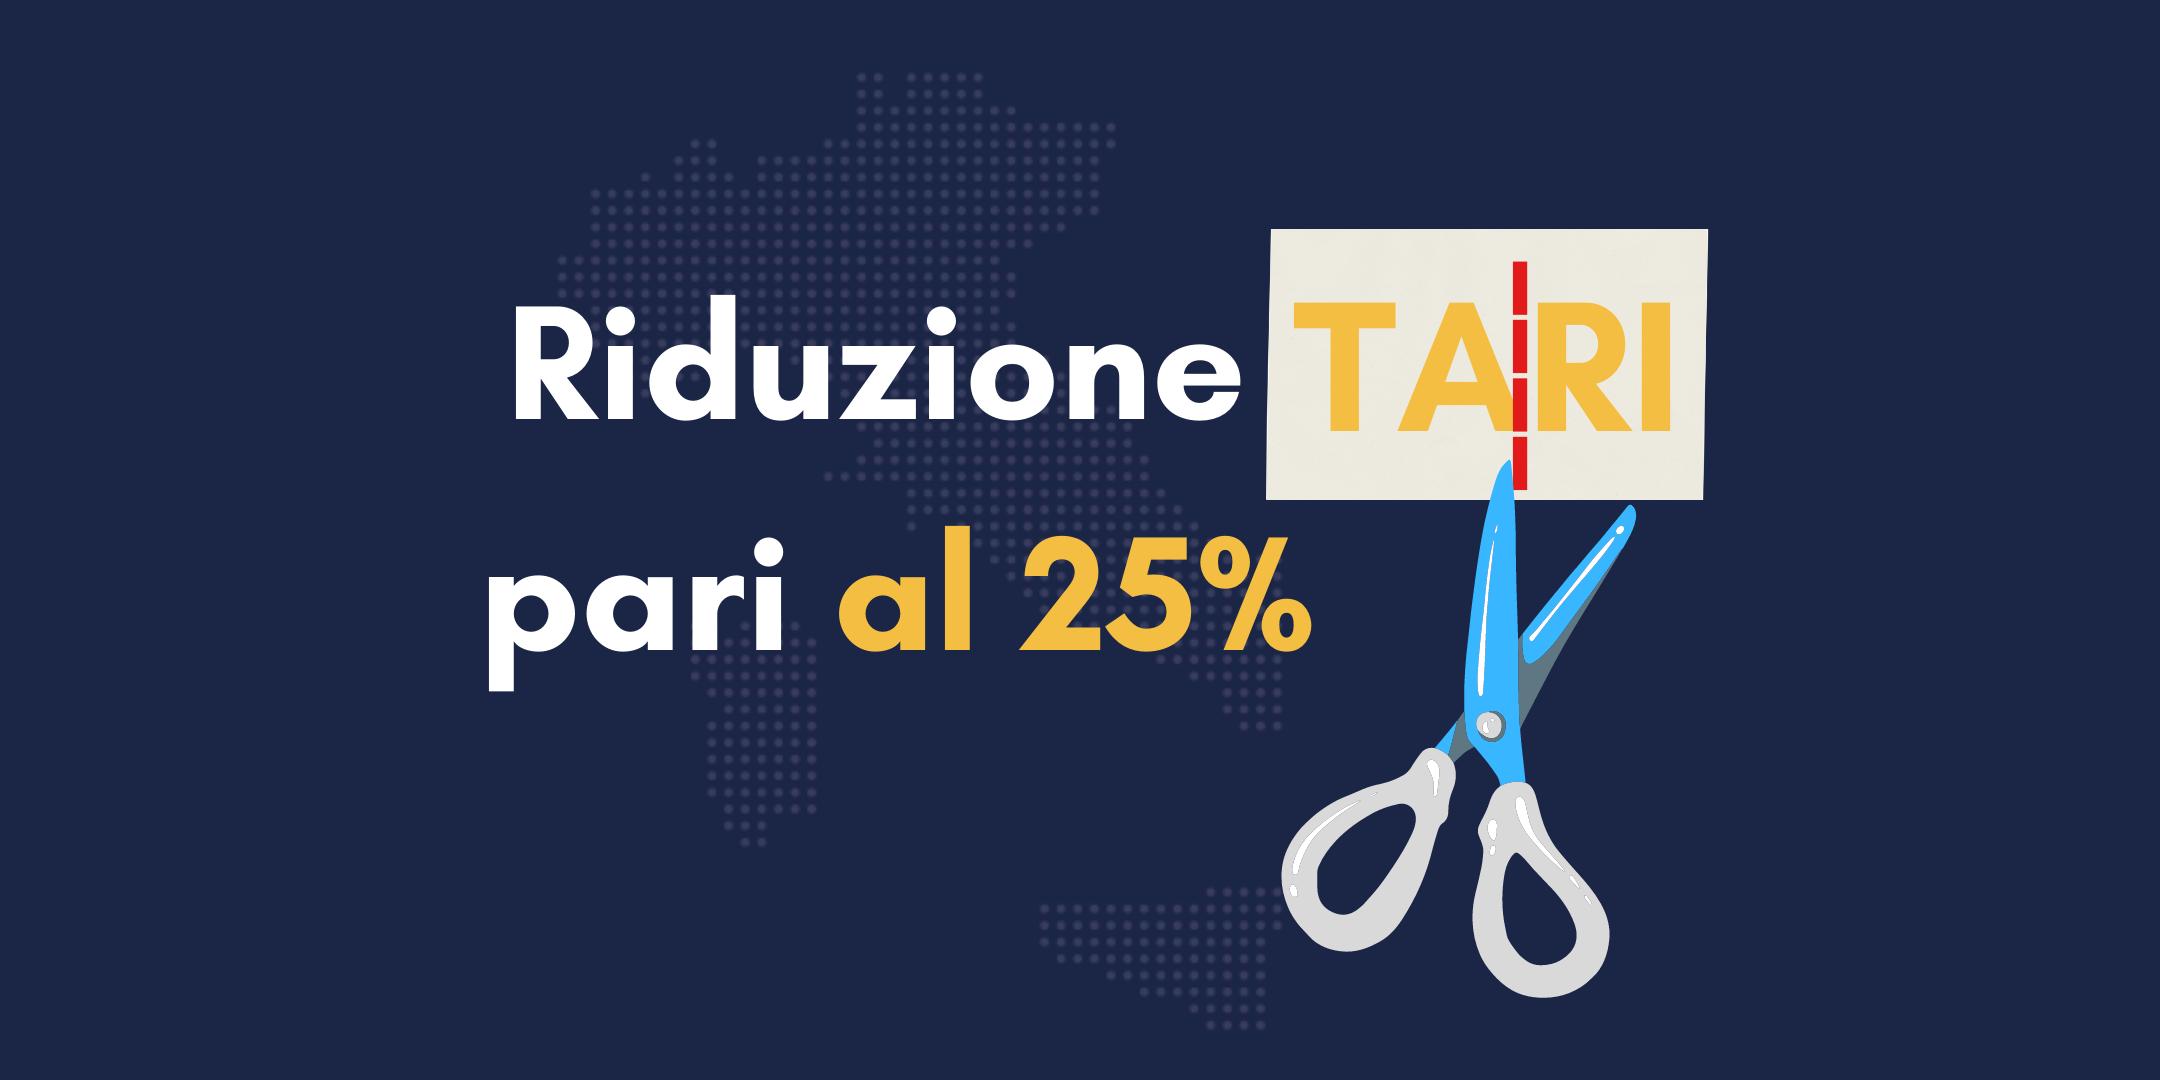 RIDUZIONE tari pari al 25%